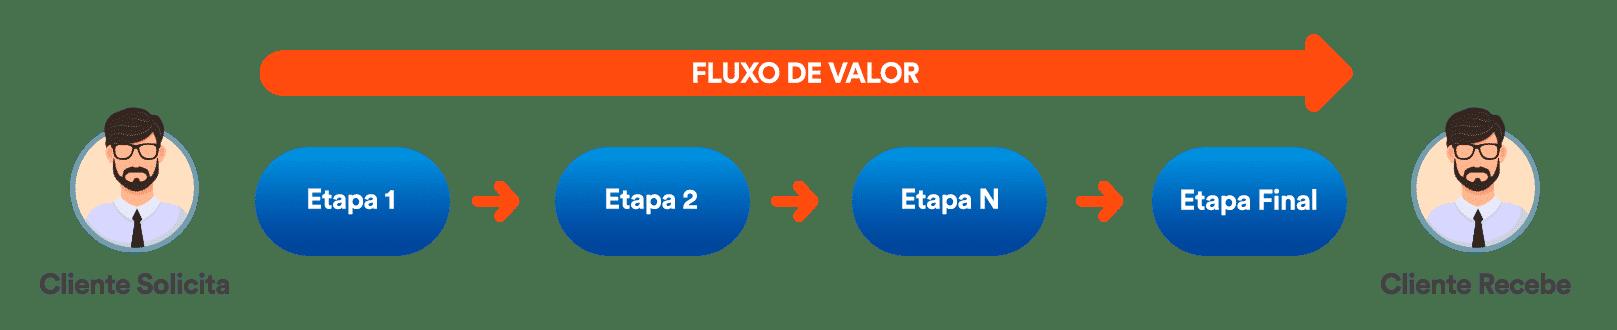 fluxo de valor